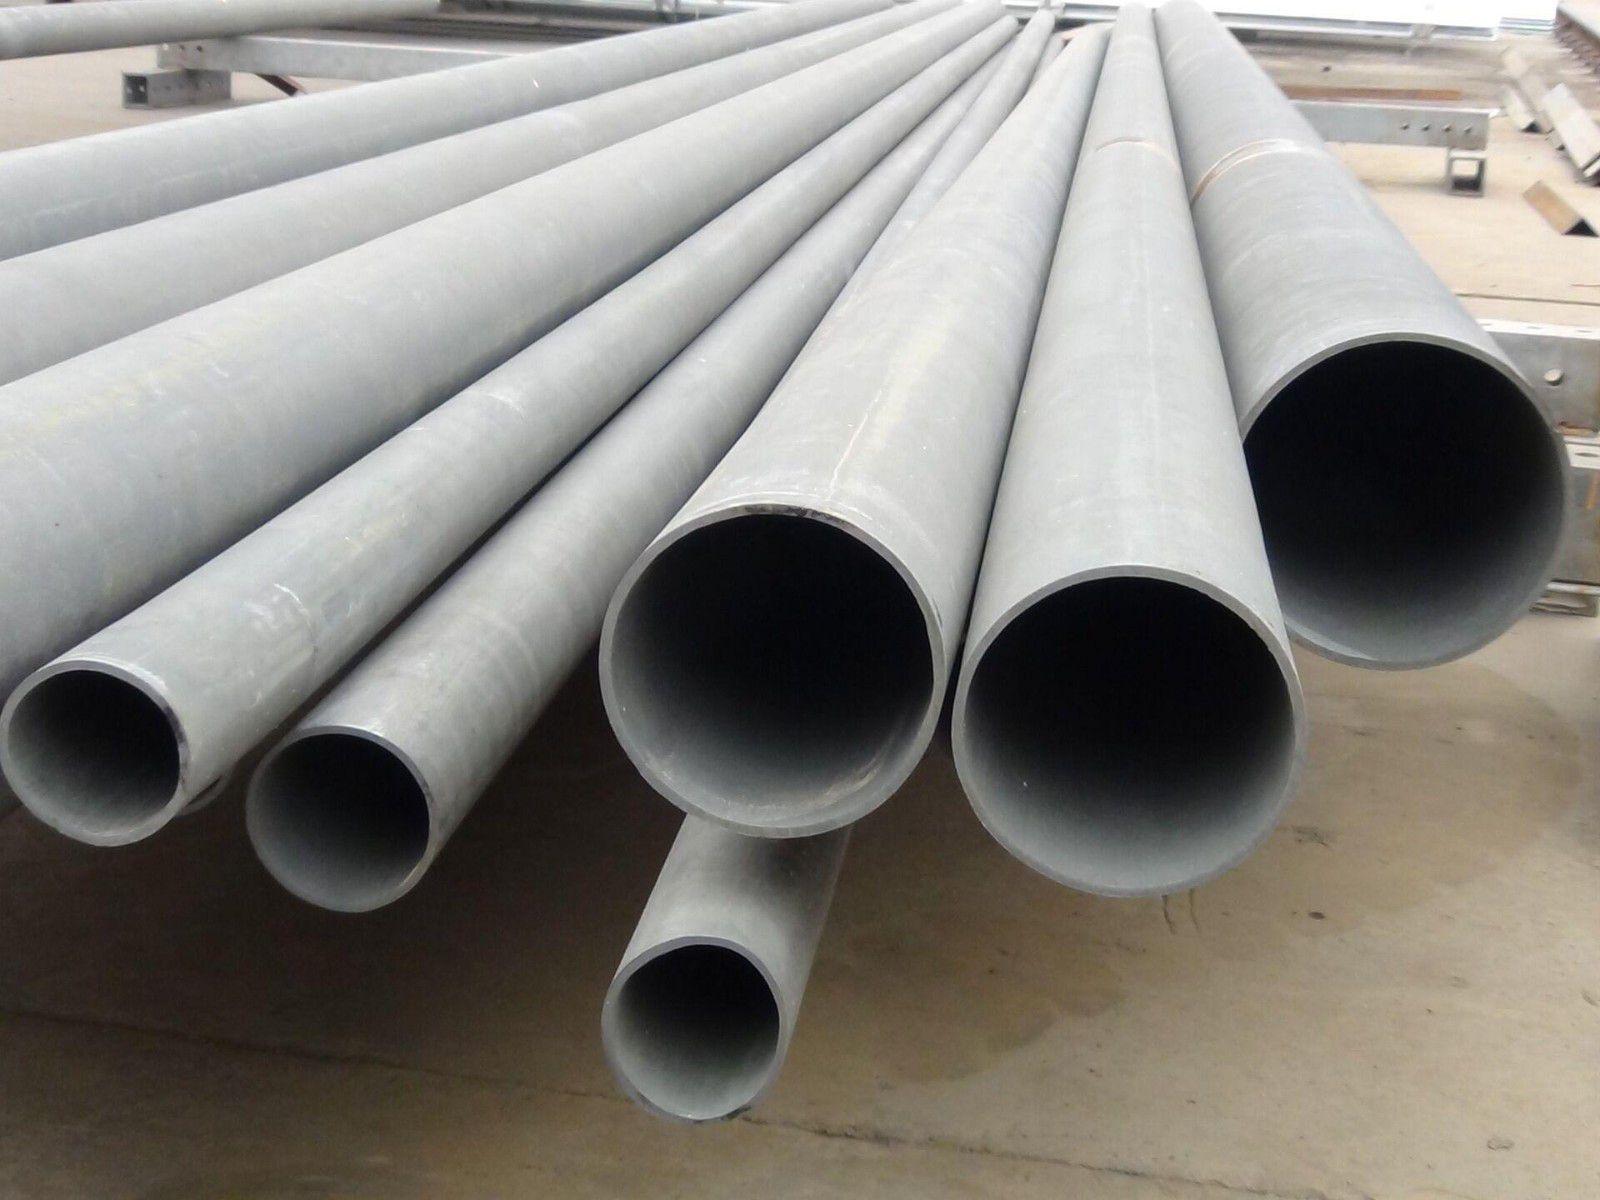 广州市12cr1movg合金钢管的行业加快调整步伐